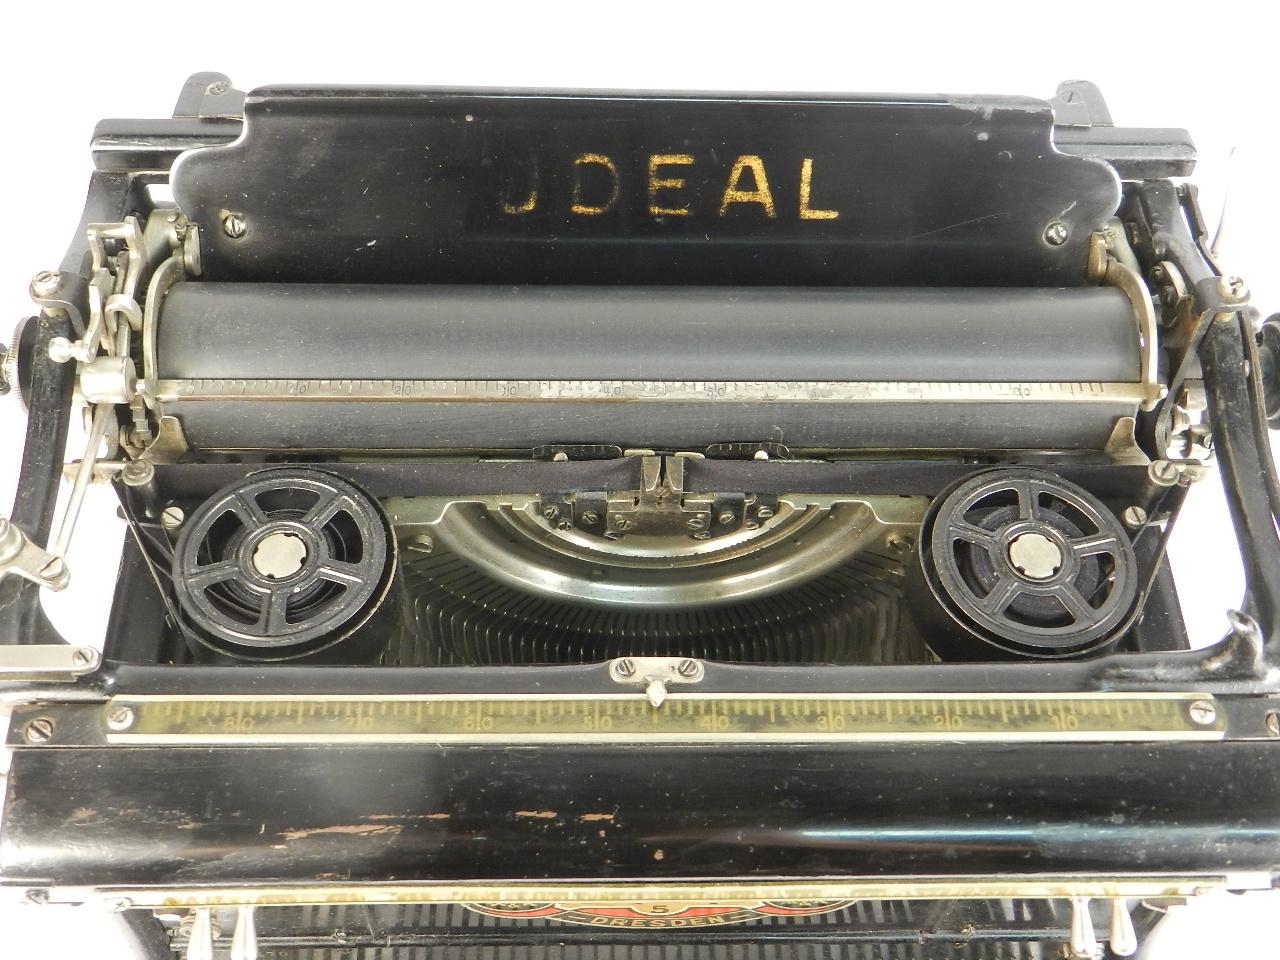 Imagen JDEAL 5  AÑO 1920 32819